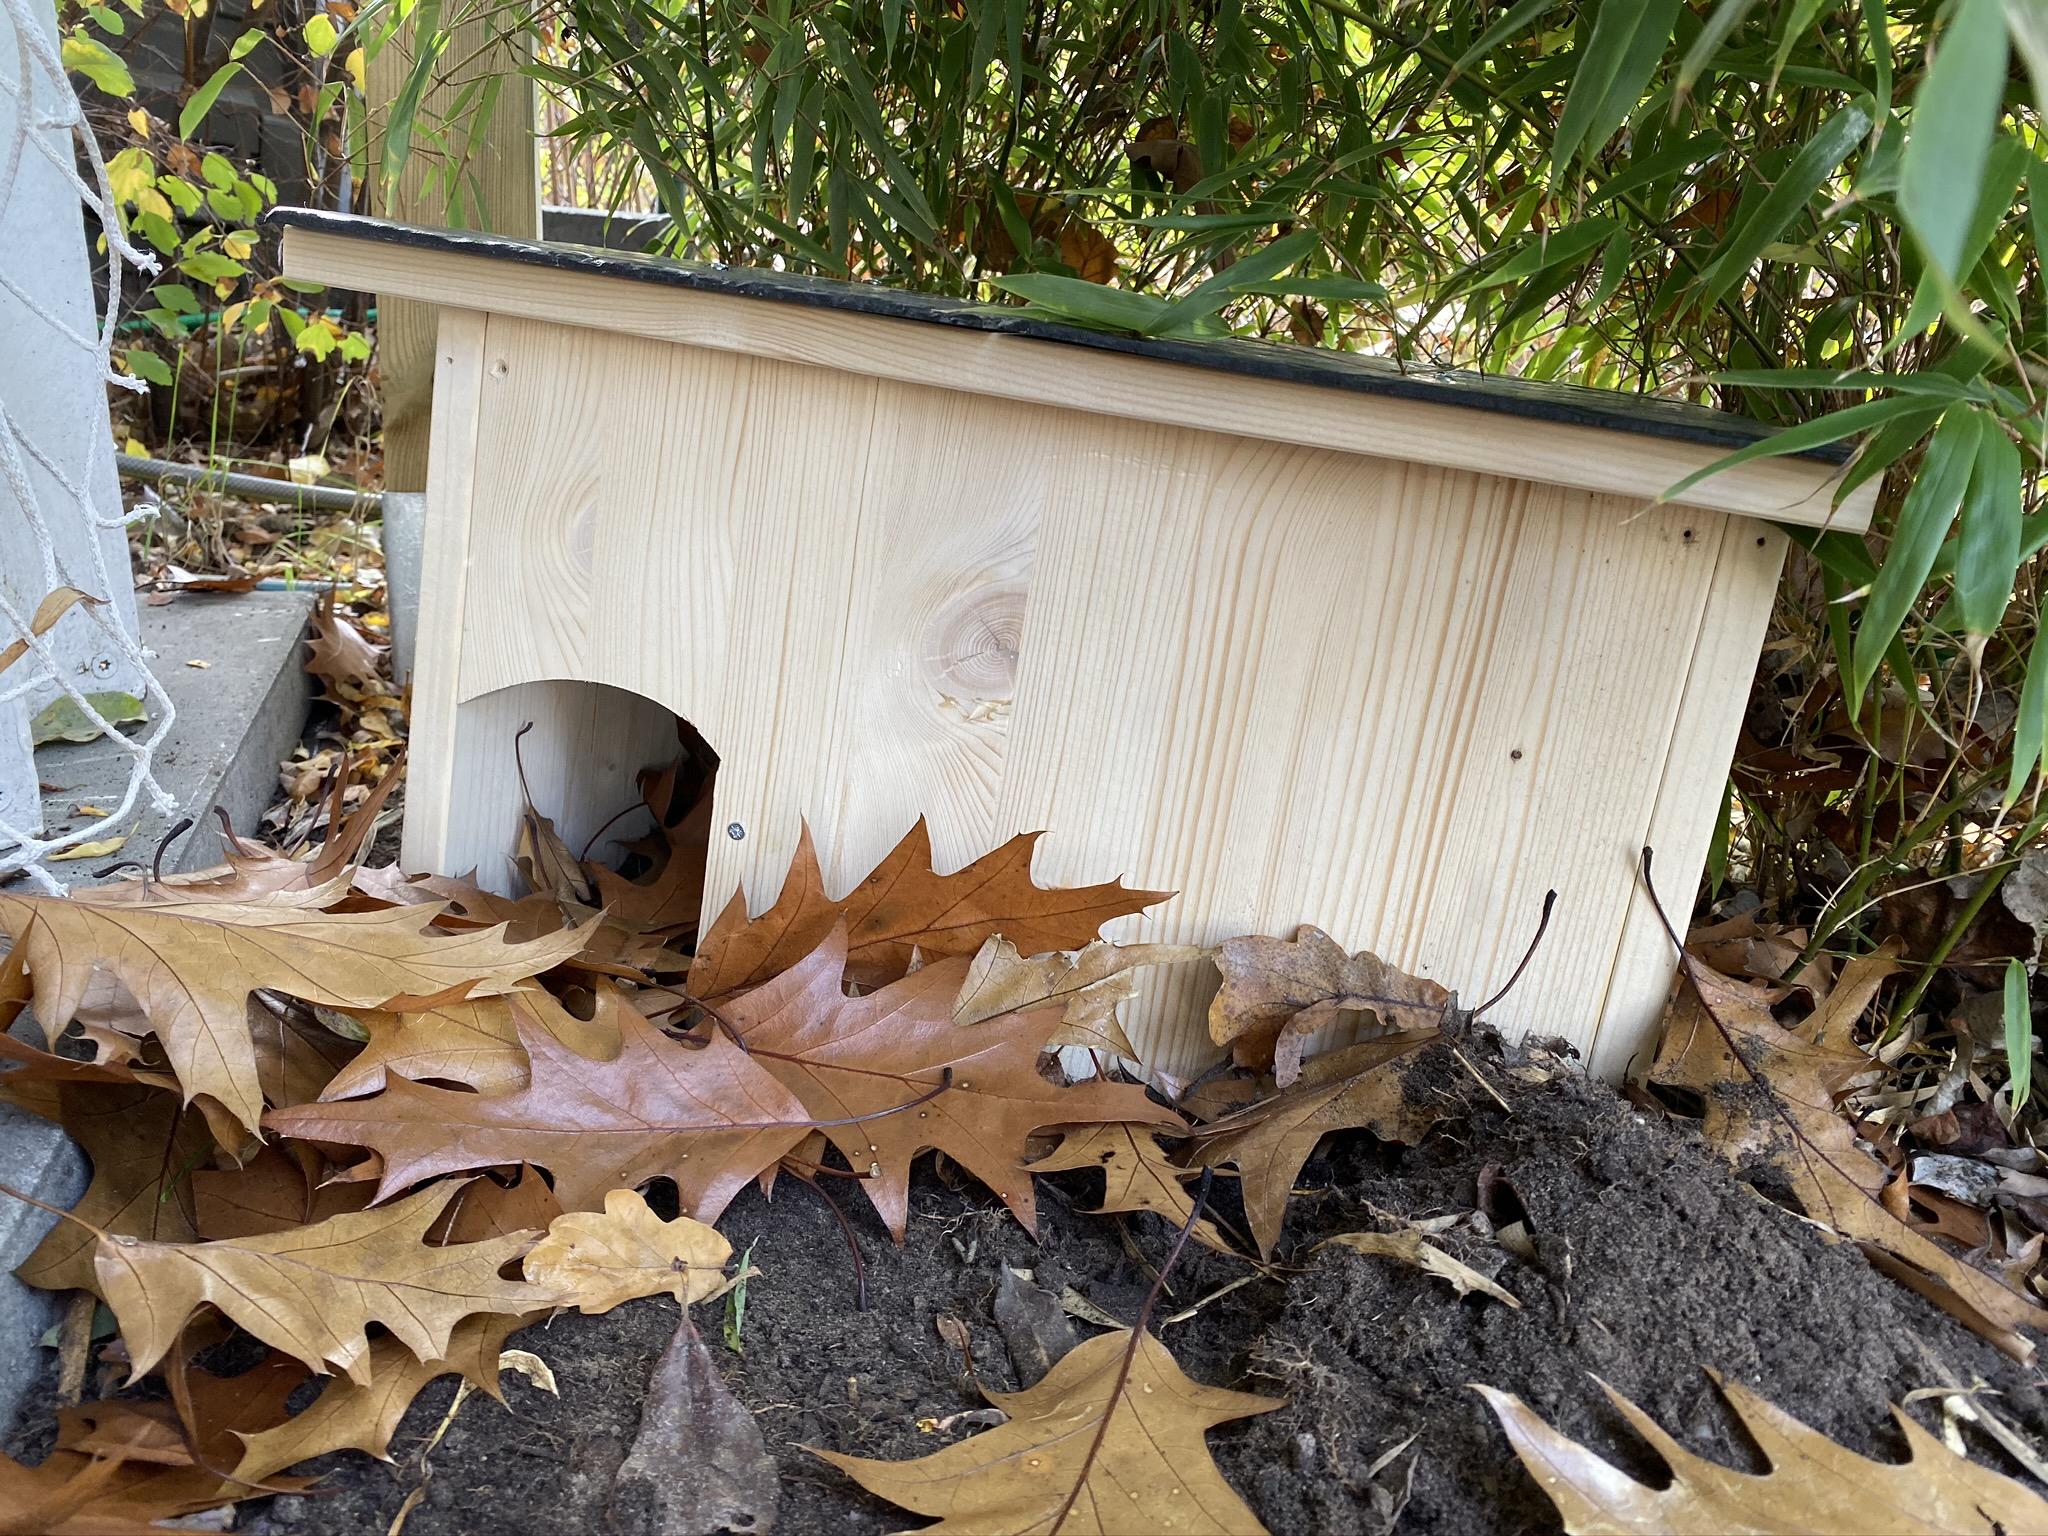 Igelhaus bauen! Mit einfachen Mitteln Igeln beim überwintern helfen,plus Tipps fürs ganze Jahr